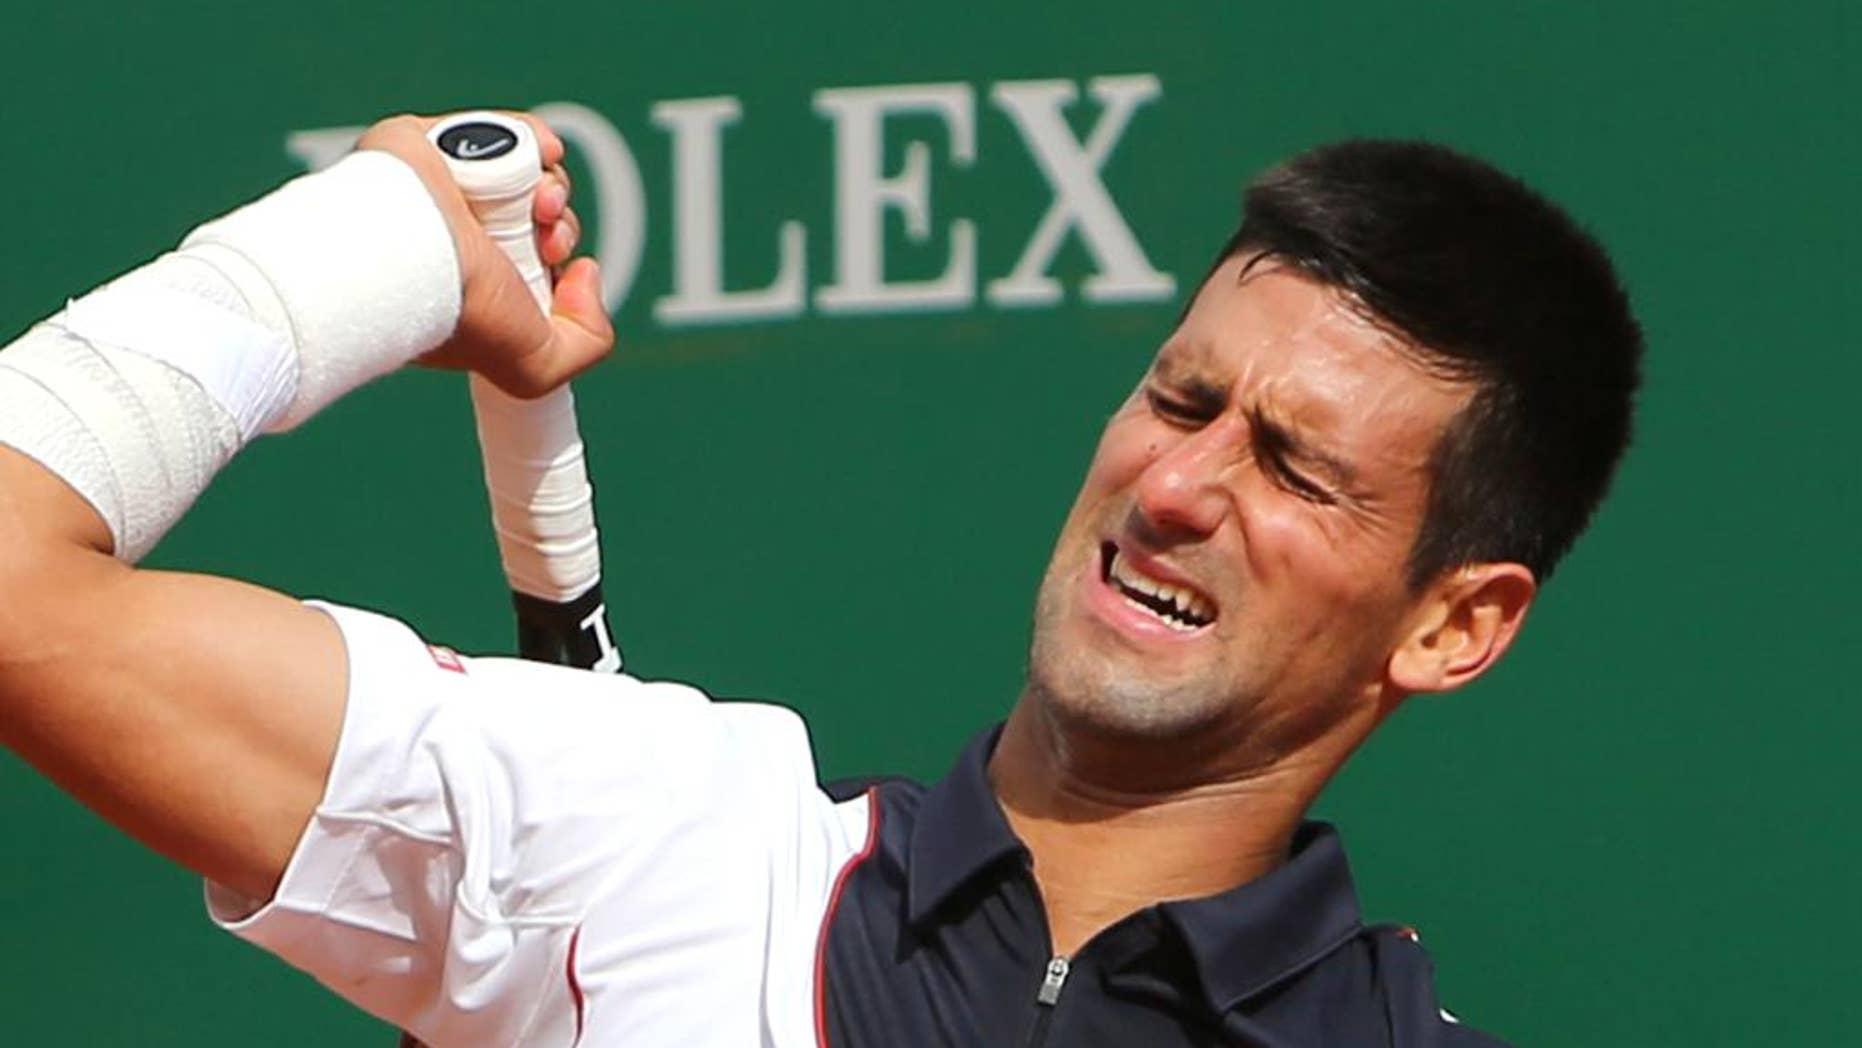 Novak Djokovic reacciona después de perder un punto frente a Roger Federer en semifinales del Masters de Montecarlo el 19 de abril del 2014. (AP Foto/Claude Paris)